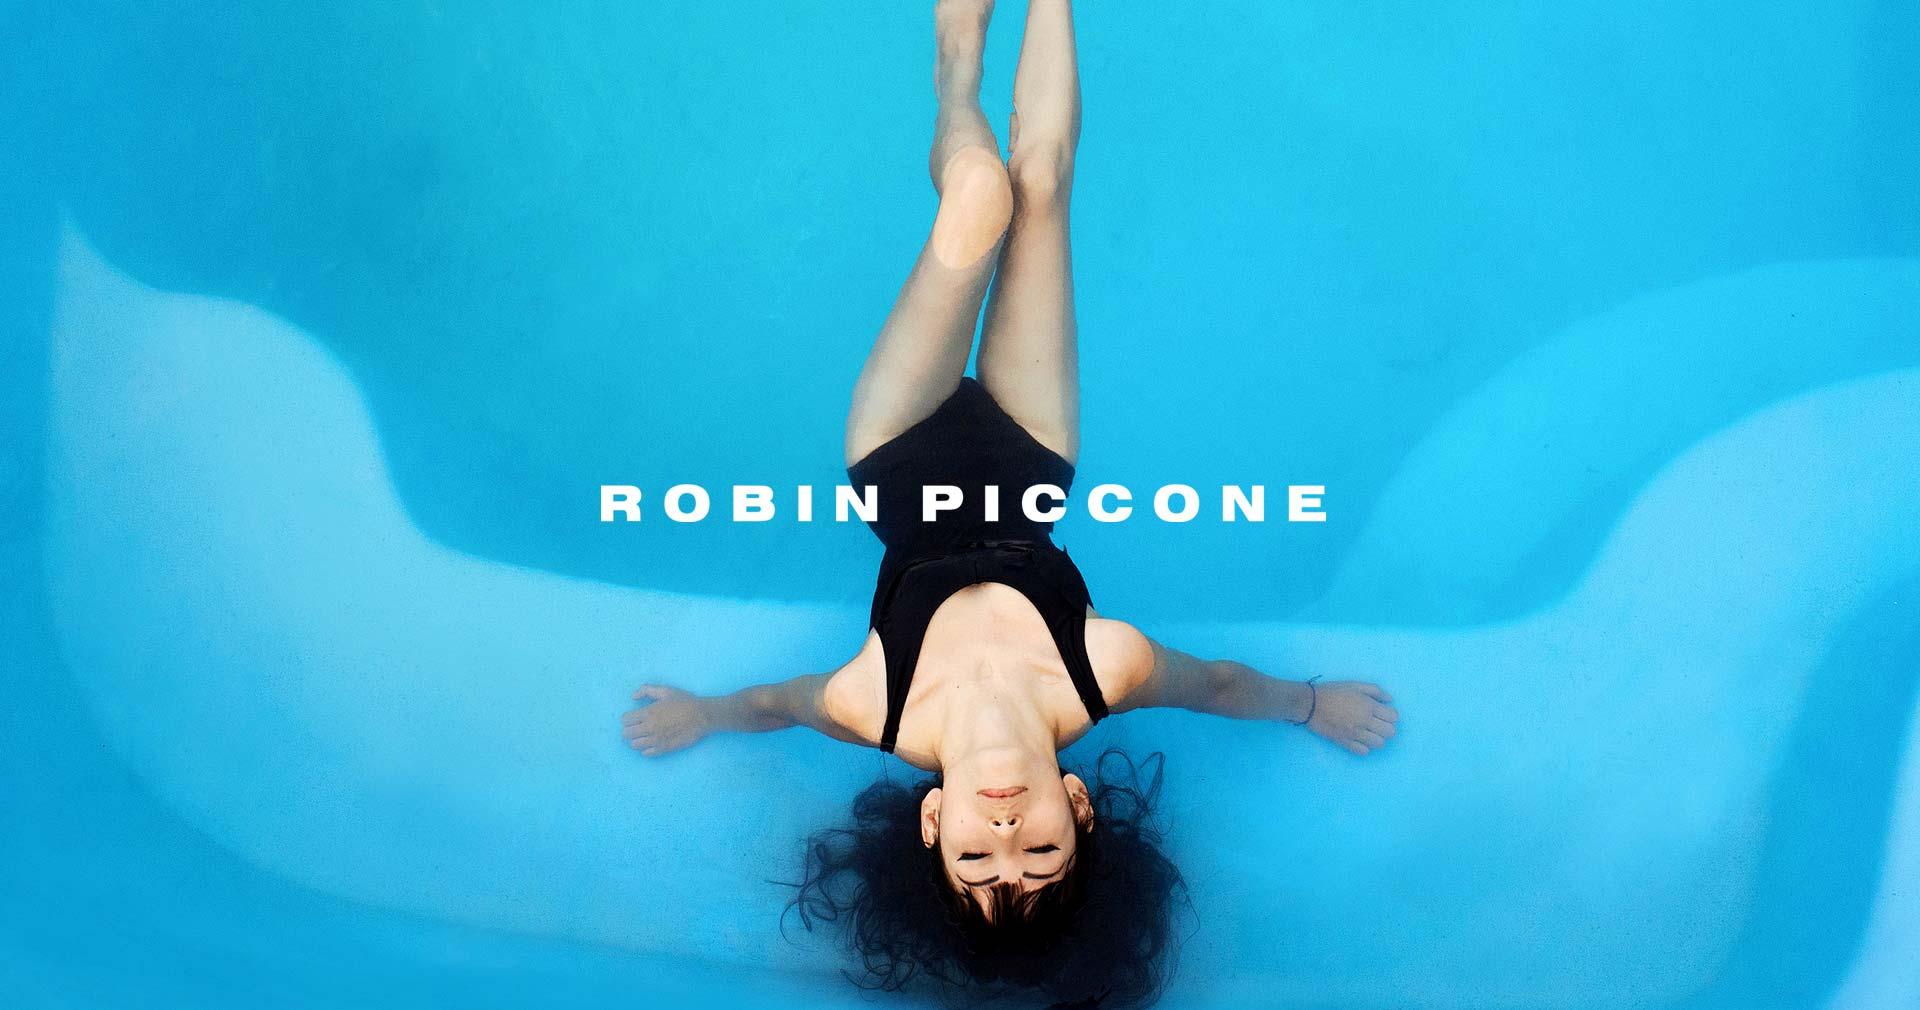 ROBIN PICCONE